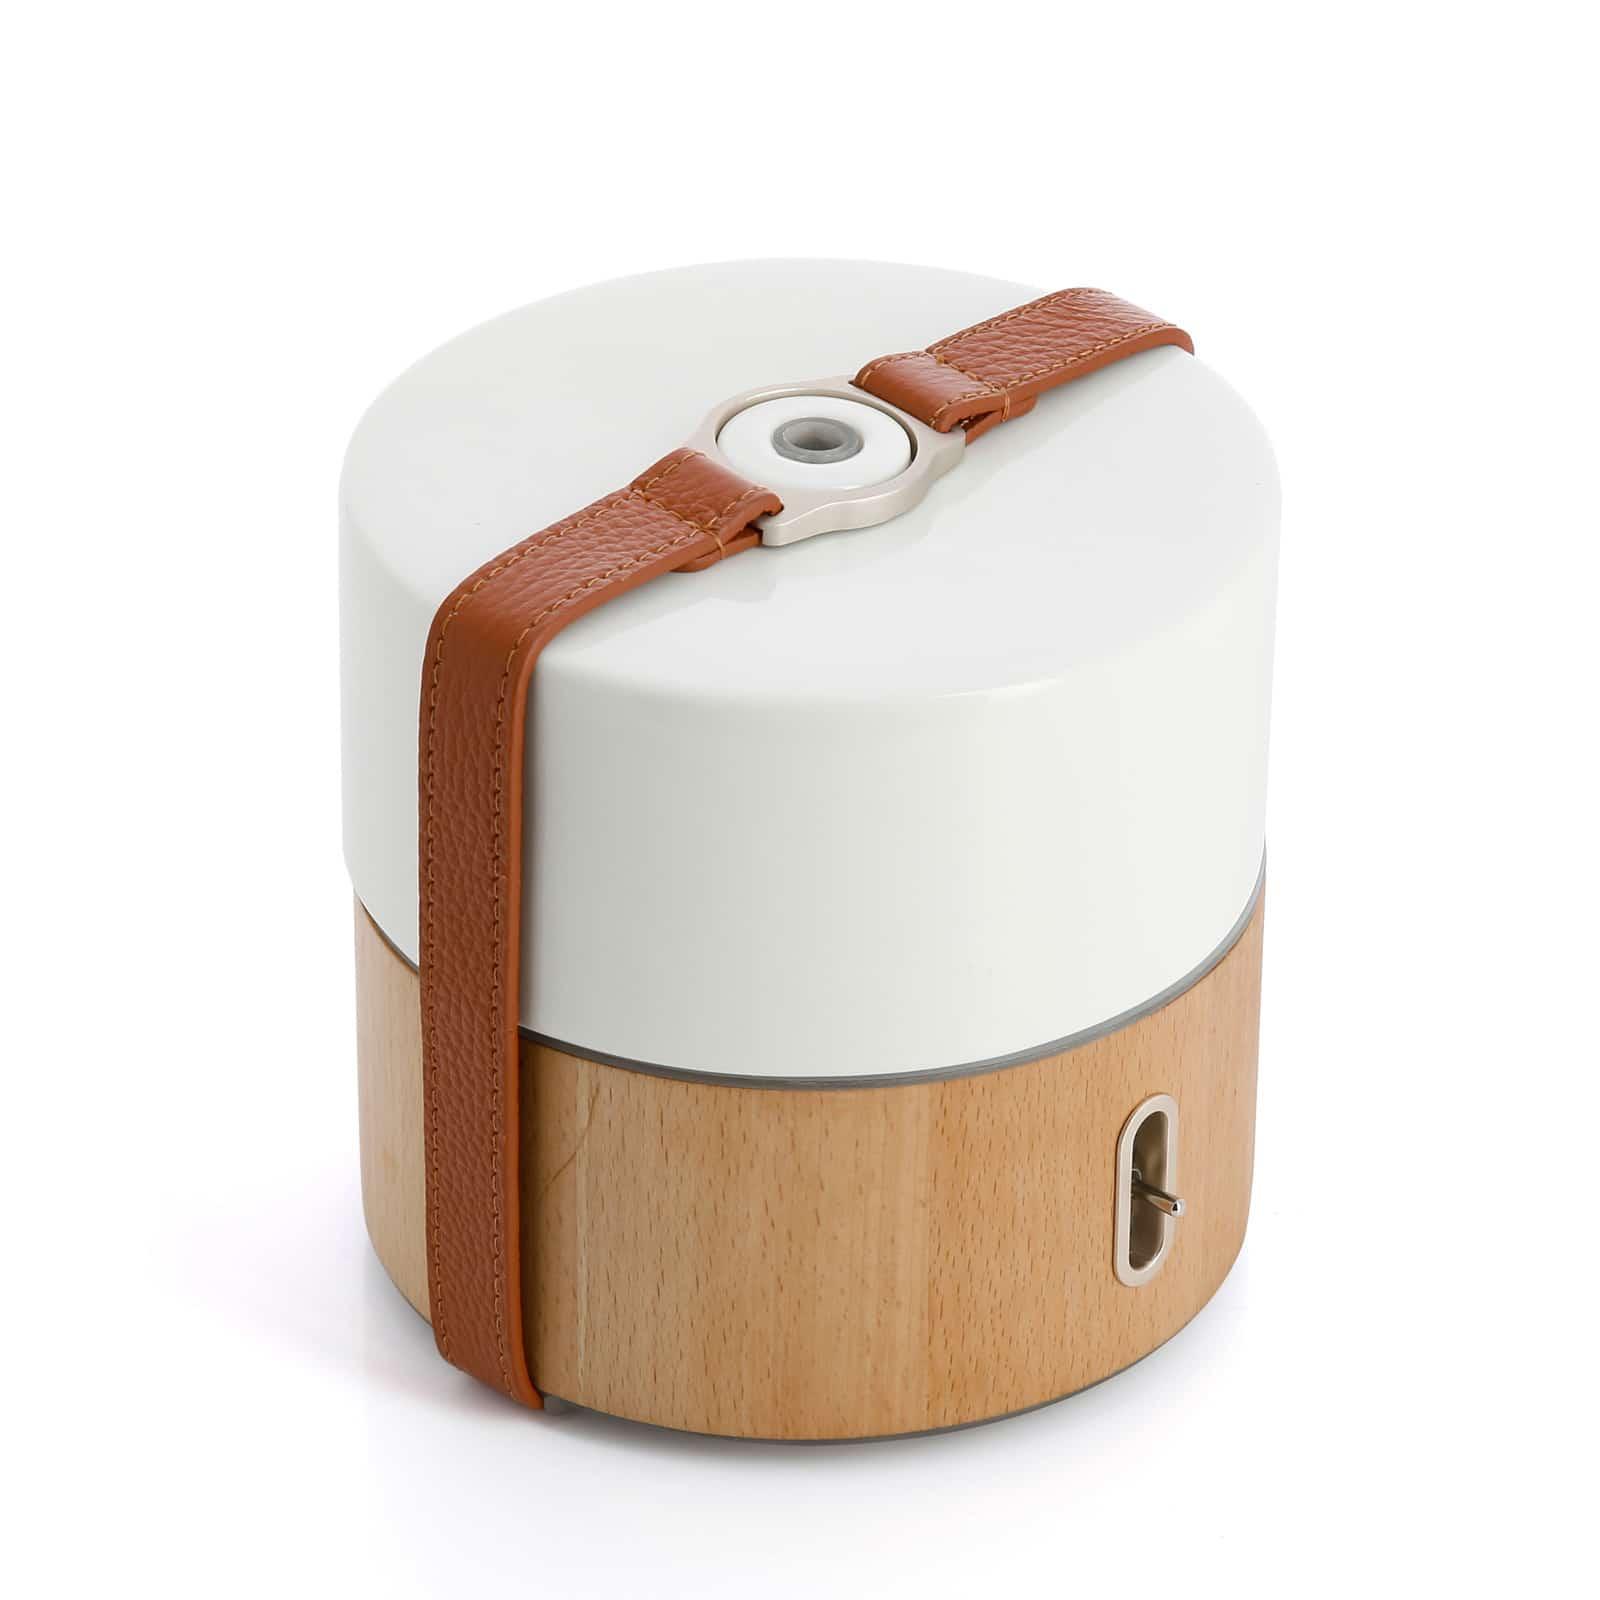 Code promo Nature et Découvertes : Diffuseur d'huiles essentielles Sedona avec enceinte Bluetooth à 29,98€ au lieu de 99,95€